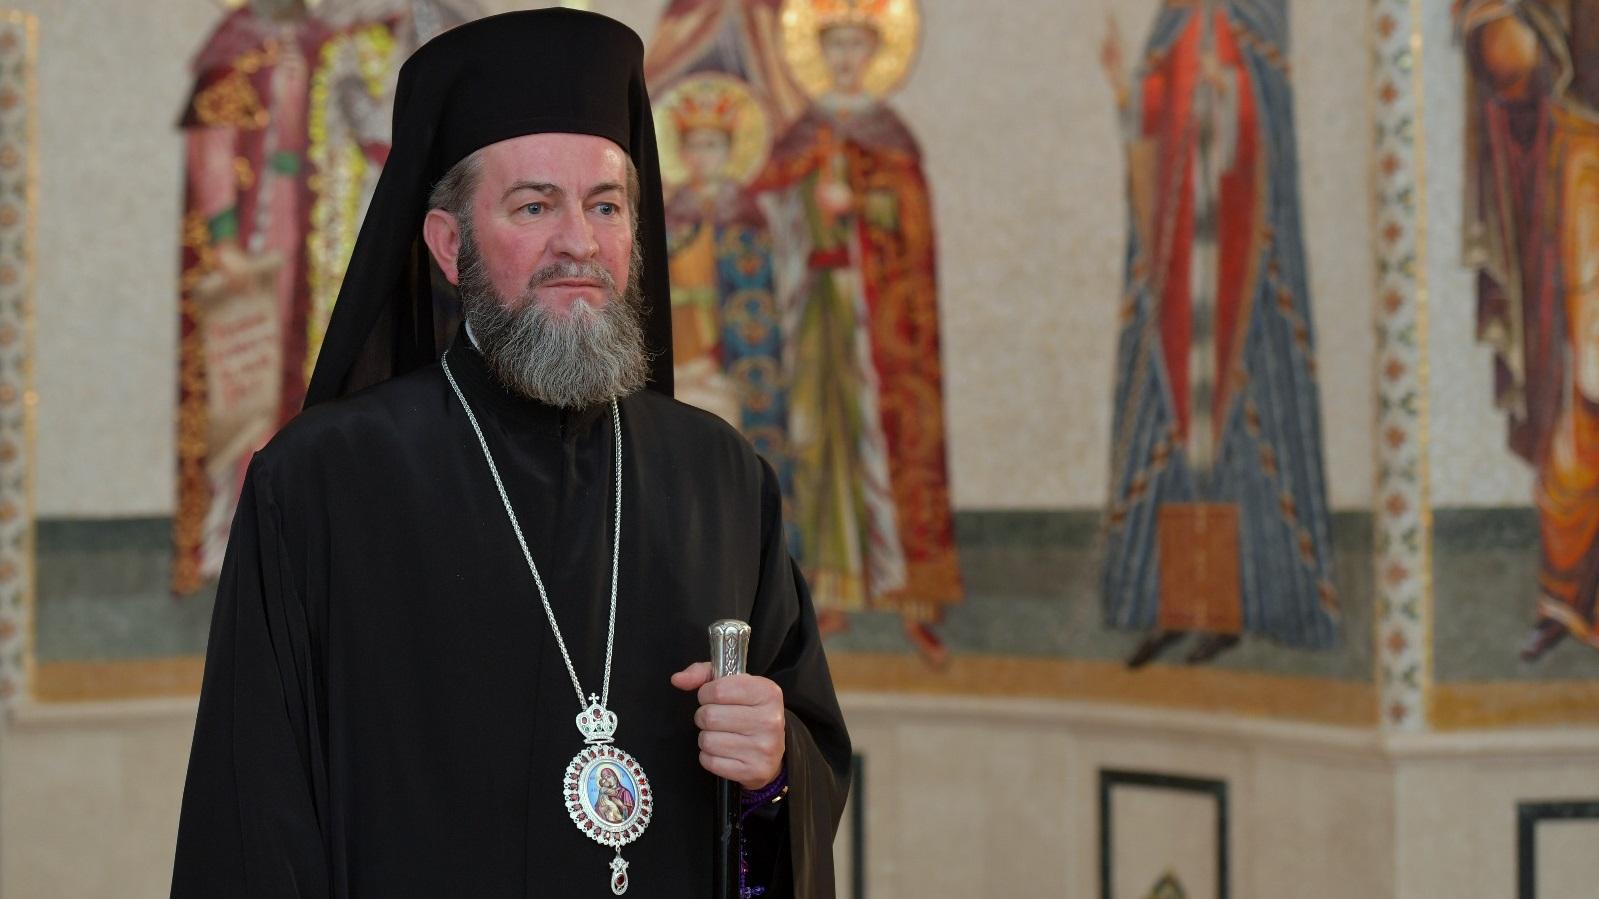 """<i>""""NU LOVIȚI BISERICA LUI HRISTOS!""""</i> – Reacție-avertisment MĂRTURISITOARE a PS IUSTIN, episcopul Maramureșului și Sătmarului: <i>""""Revino-ți popor român! Întoarce-te la Dumnezeu! Cinstește Sfânta Biserică și rânduielile ei!""""</i>/ Răspunsul ferm al ARHIEPISCOPIEI TOMISULUI dat agresiunii DSP Constanța/ CLOPOTELE BAT ȘI CHEAMĂ LA RUGĂCIUNE COMUNĂ ÎN ÎNTREAGA ȚARĂ, LA 12:00"""